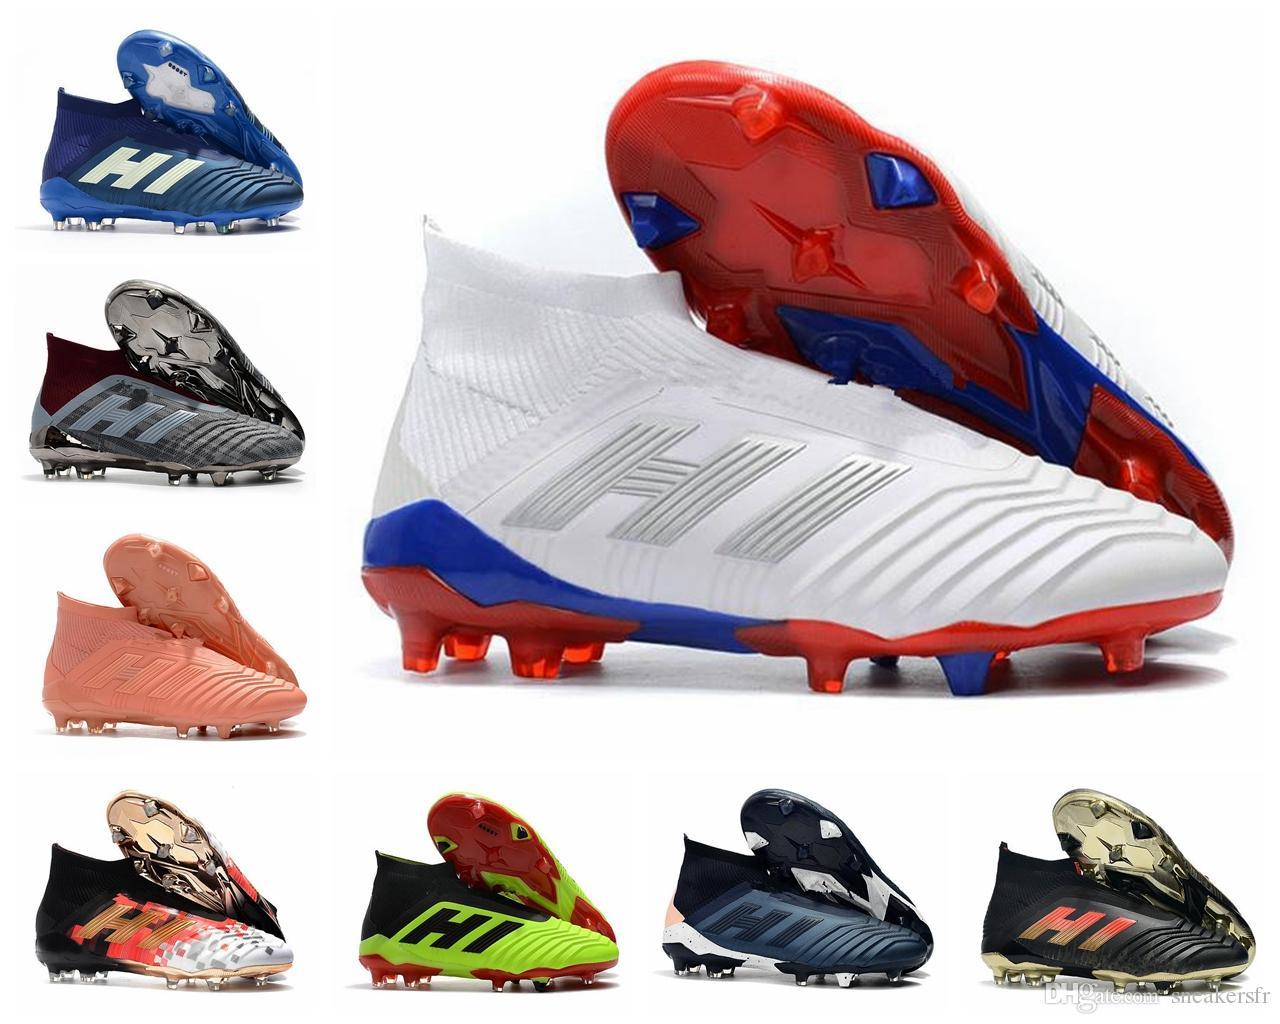 ADIDAS Predator 18 Predator 18.1 FG PP Paul Pogba soccer 18 x tacos Slip On botas de fútbol para hombre zapatos de fútbol de alta calidad